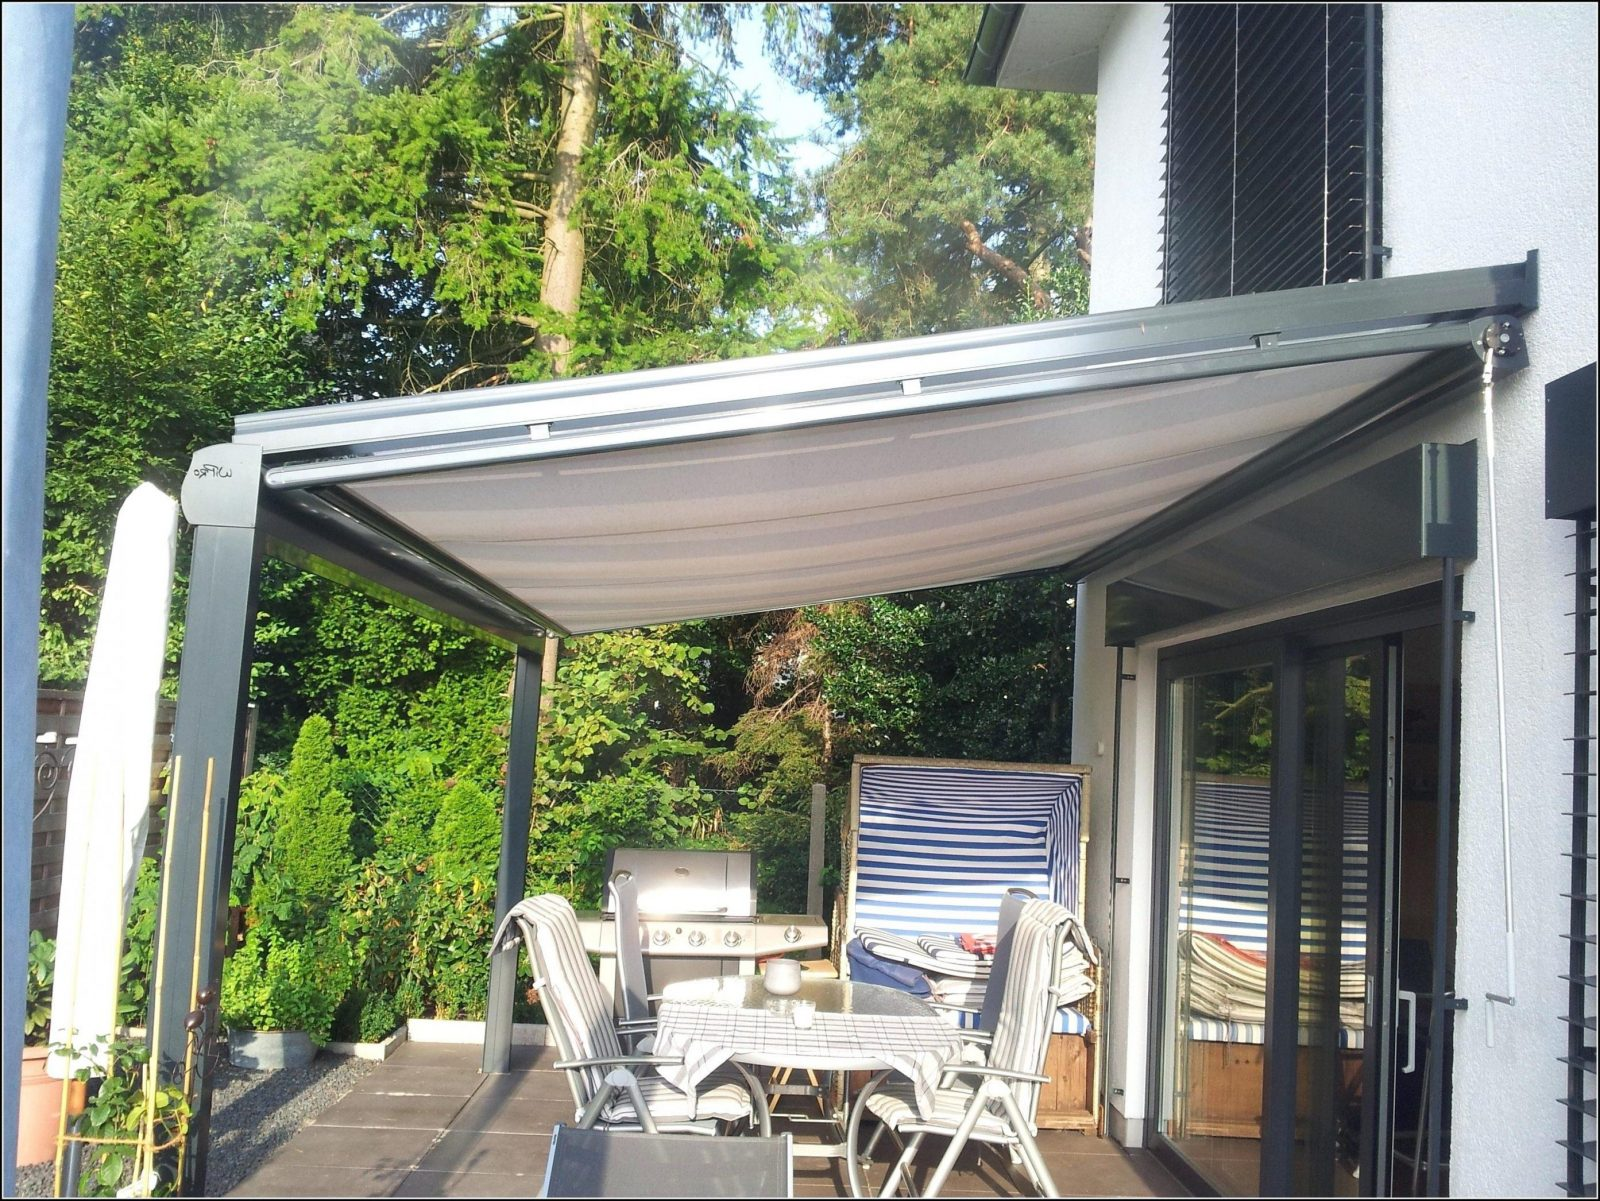 Pergola Selber Bauen Terrasse Frisch Glasdach Terrasse Full Size von Pergola Selber Bauen Terrasse Photo